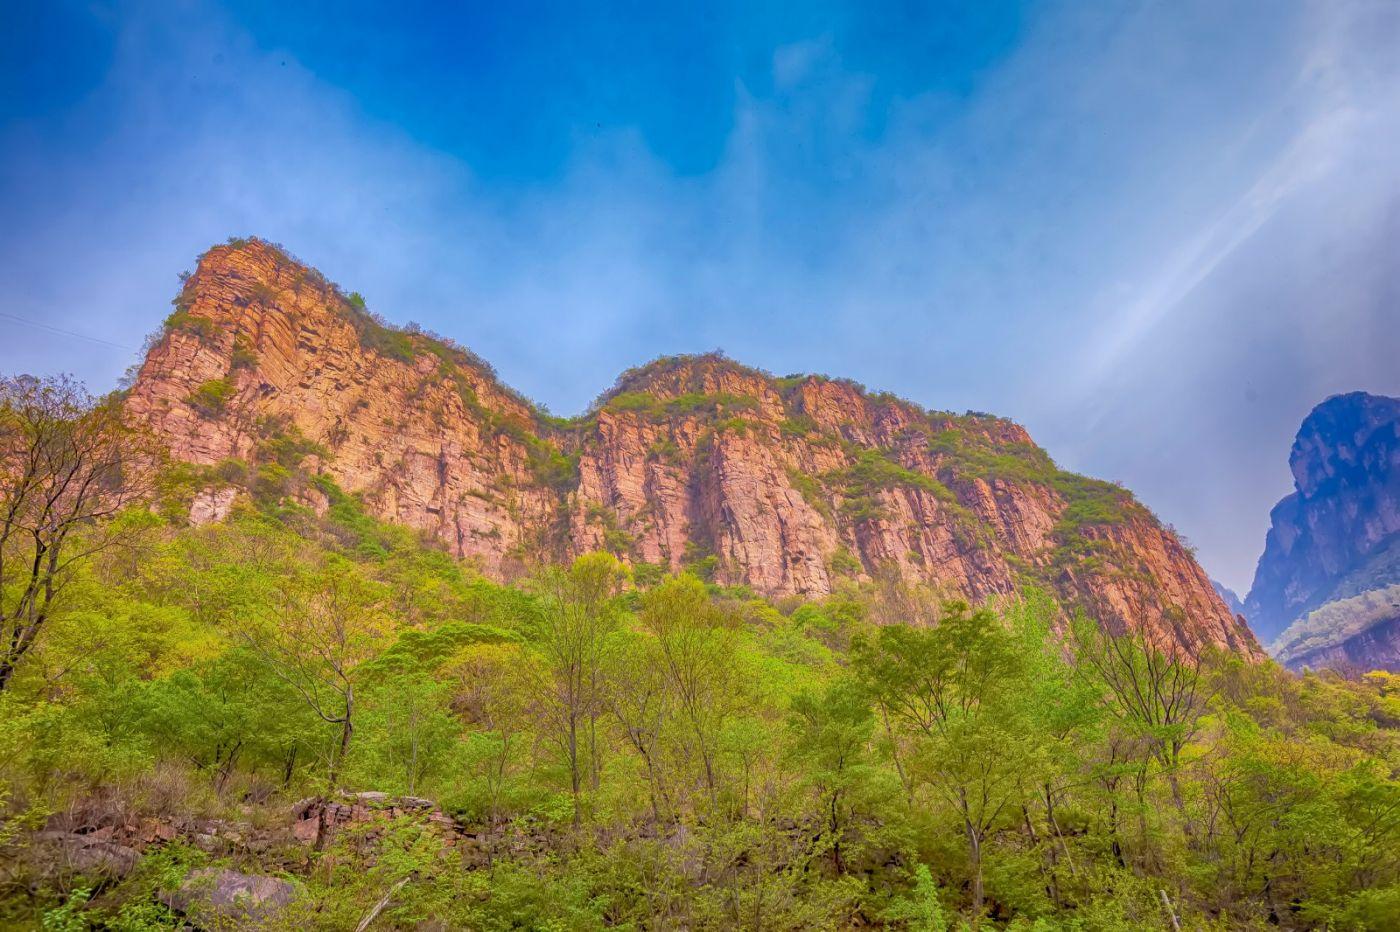 崖壁上的古村落 郭亮村 绝处也有风景_图1-29